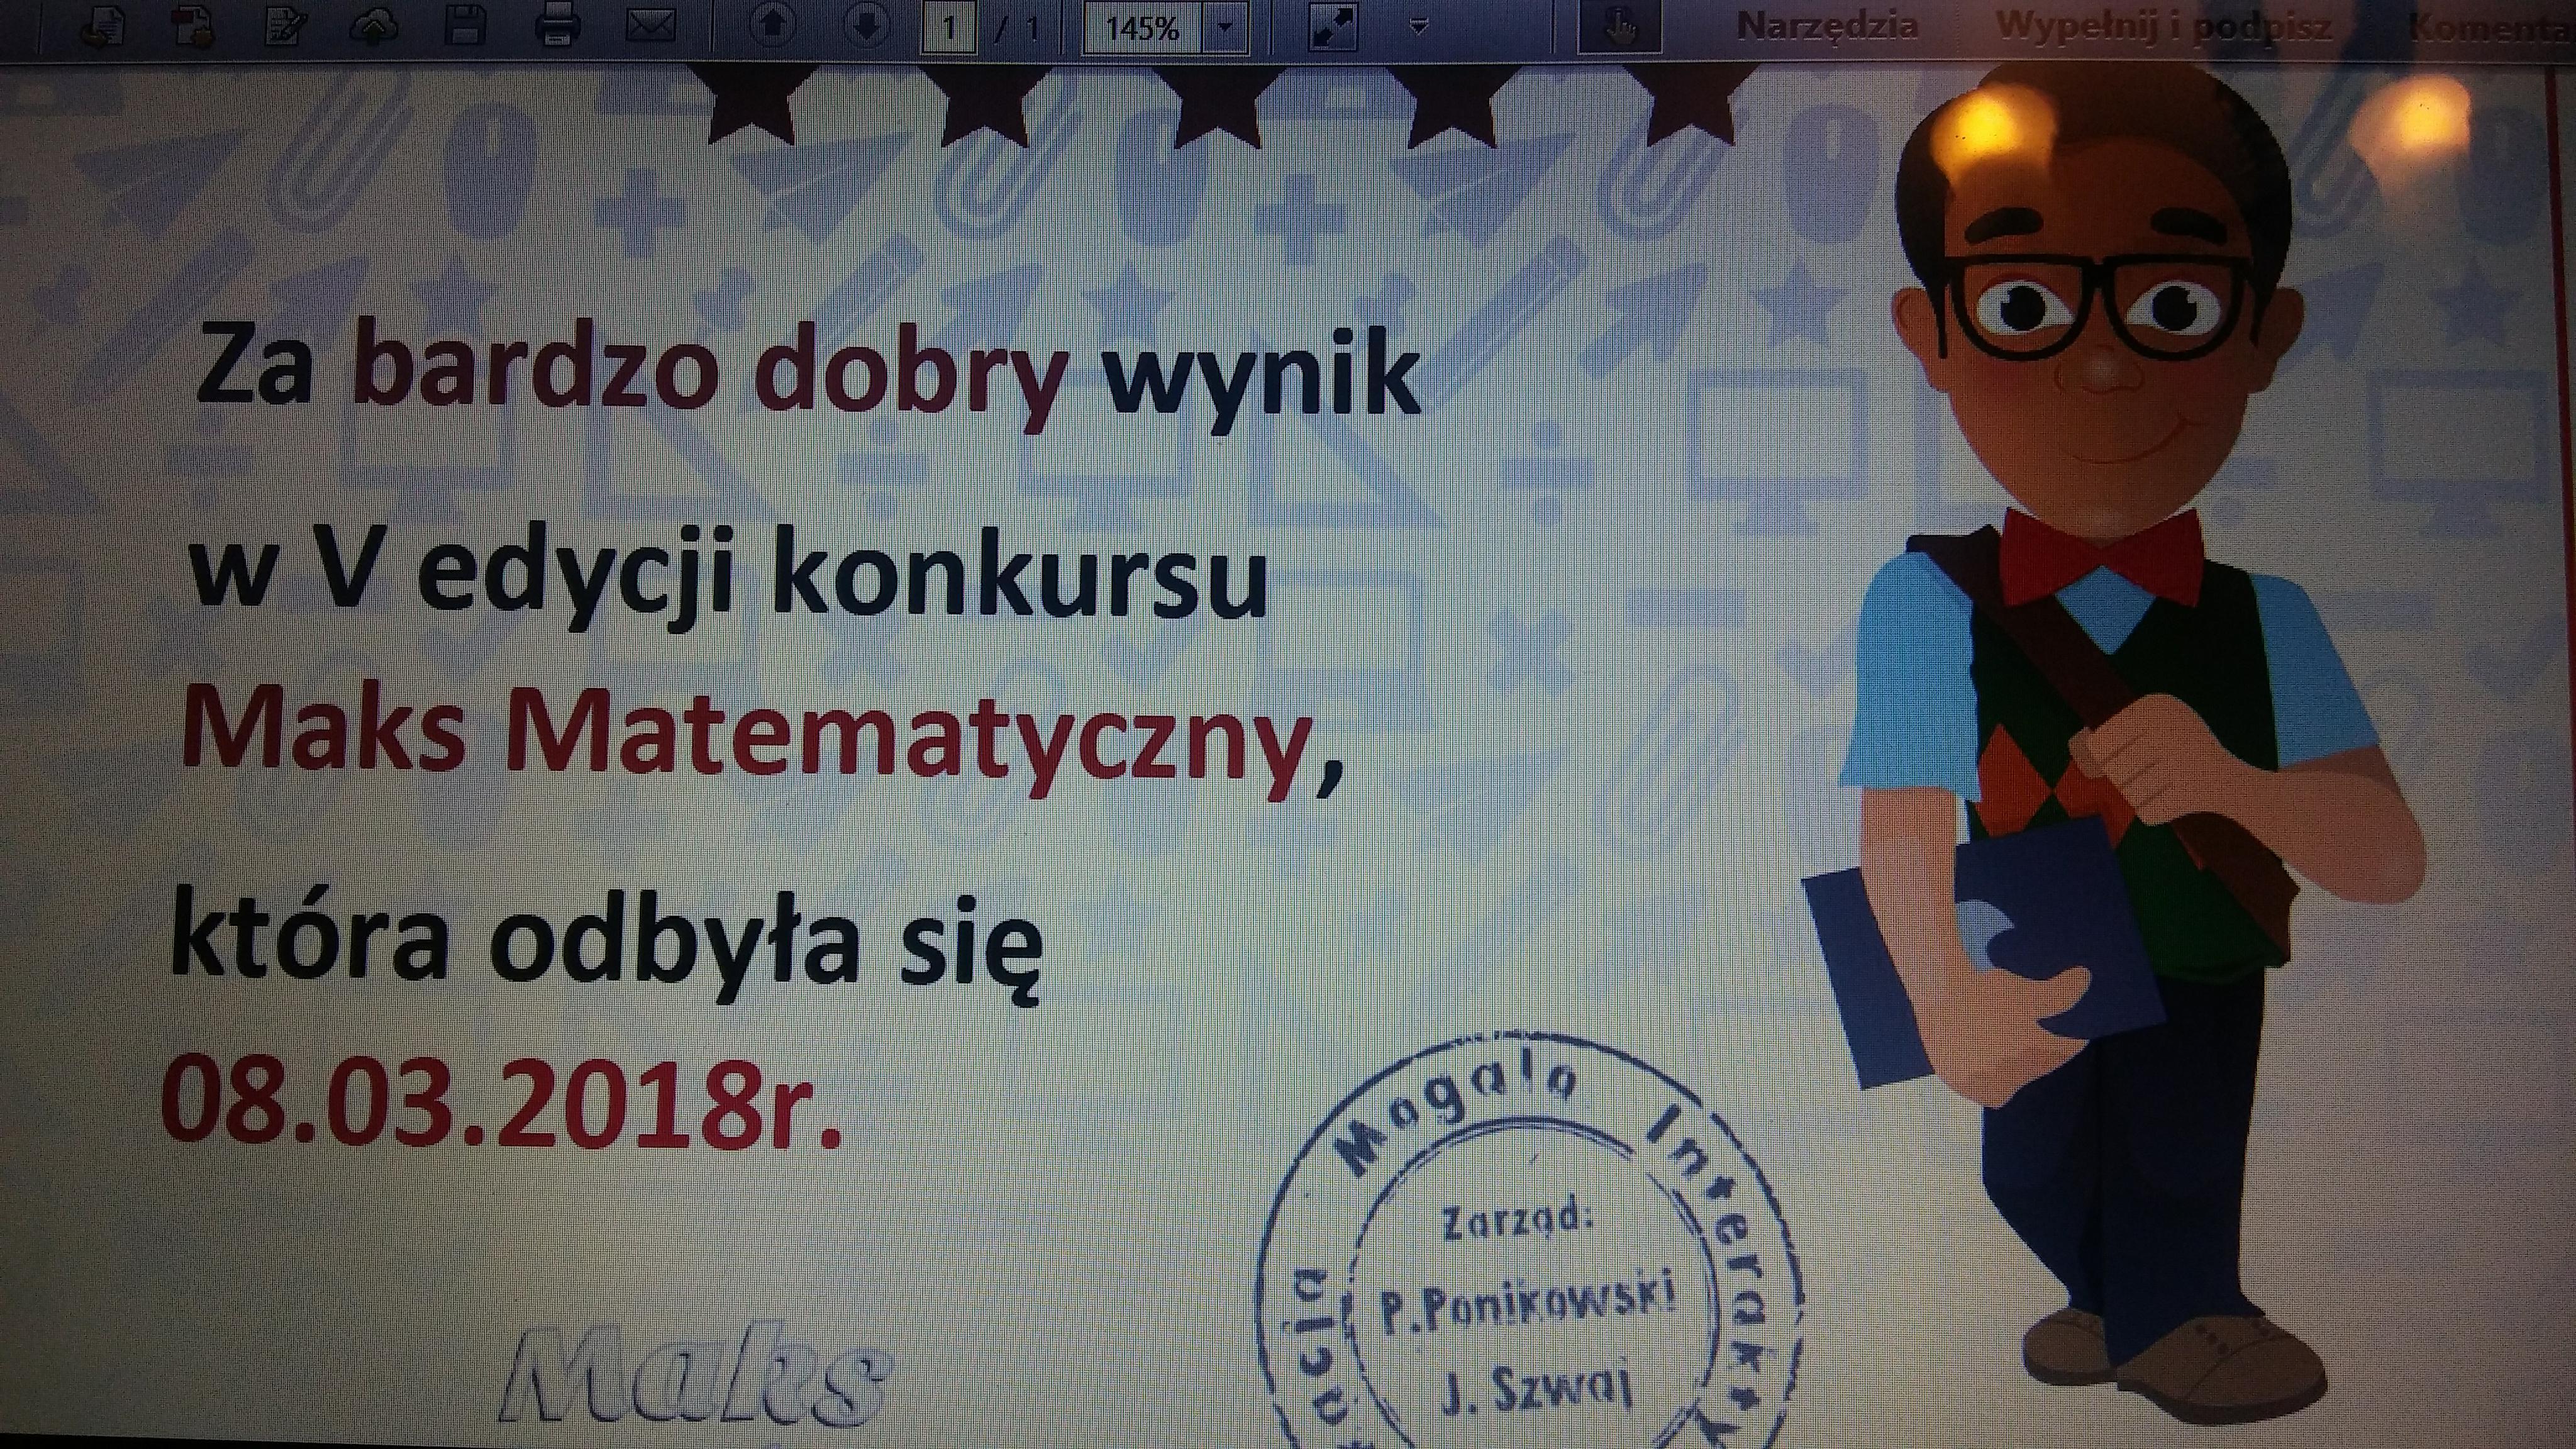 http://m.wm.pl/2018/03/orig/0000000981-29472842-200232110592650-397605416311193600-o-454017.jpg